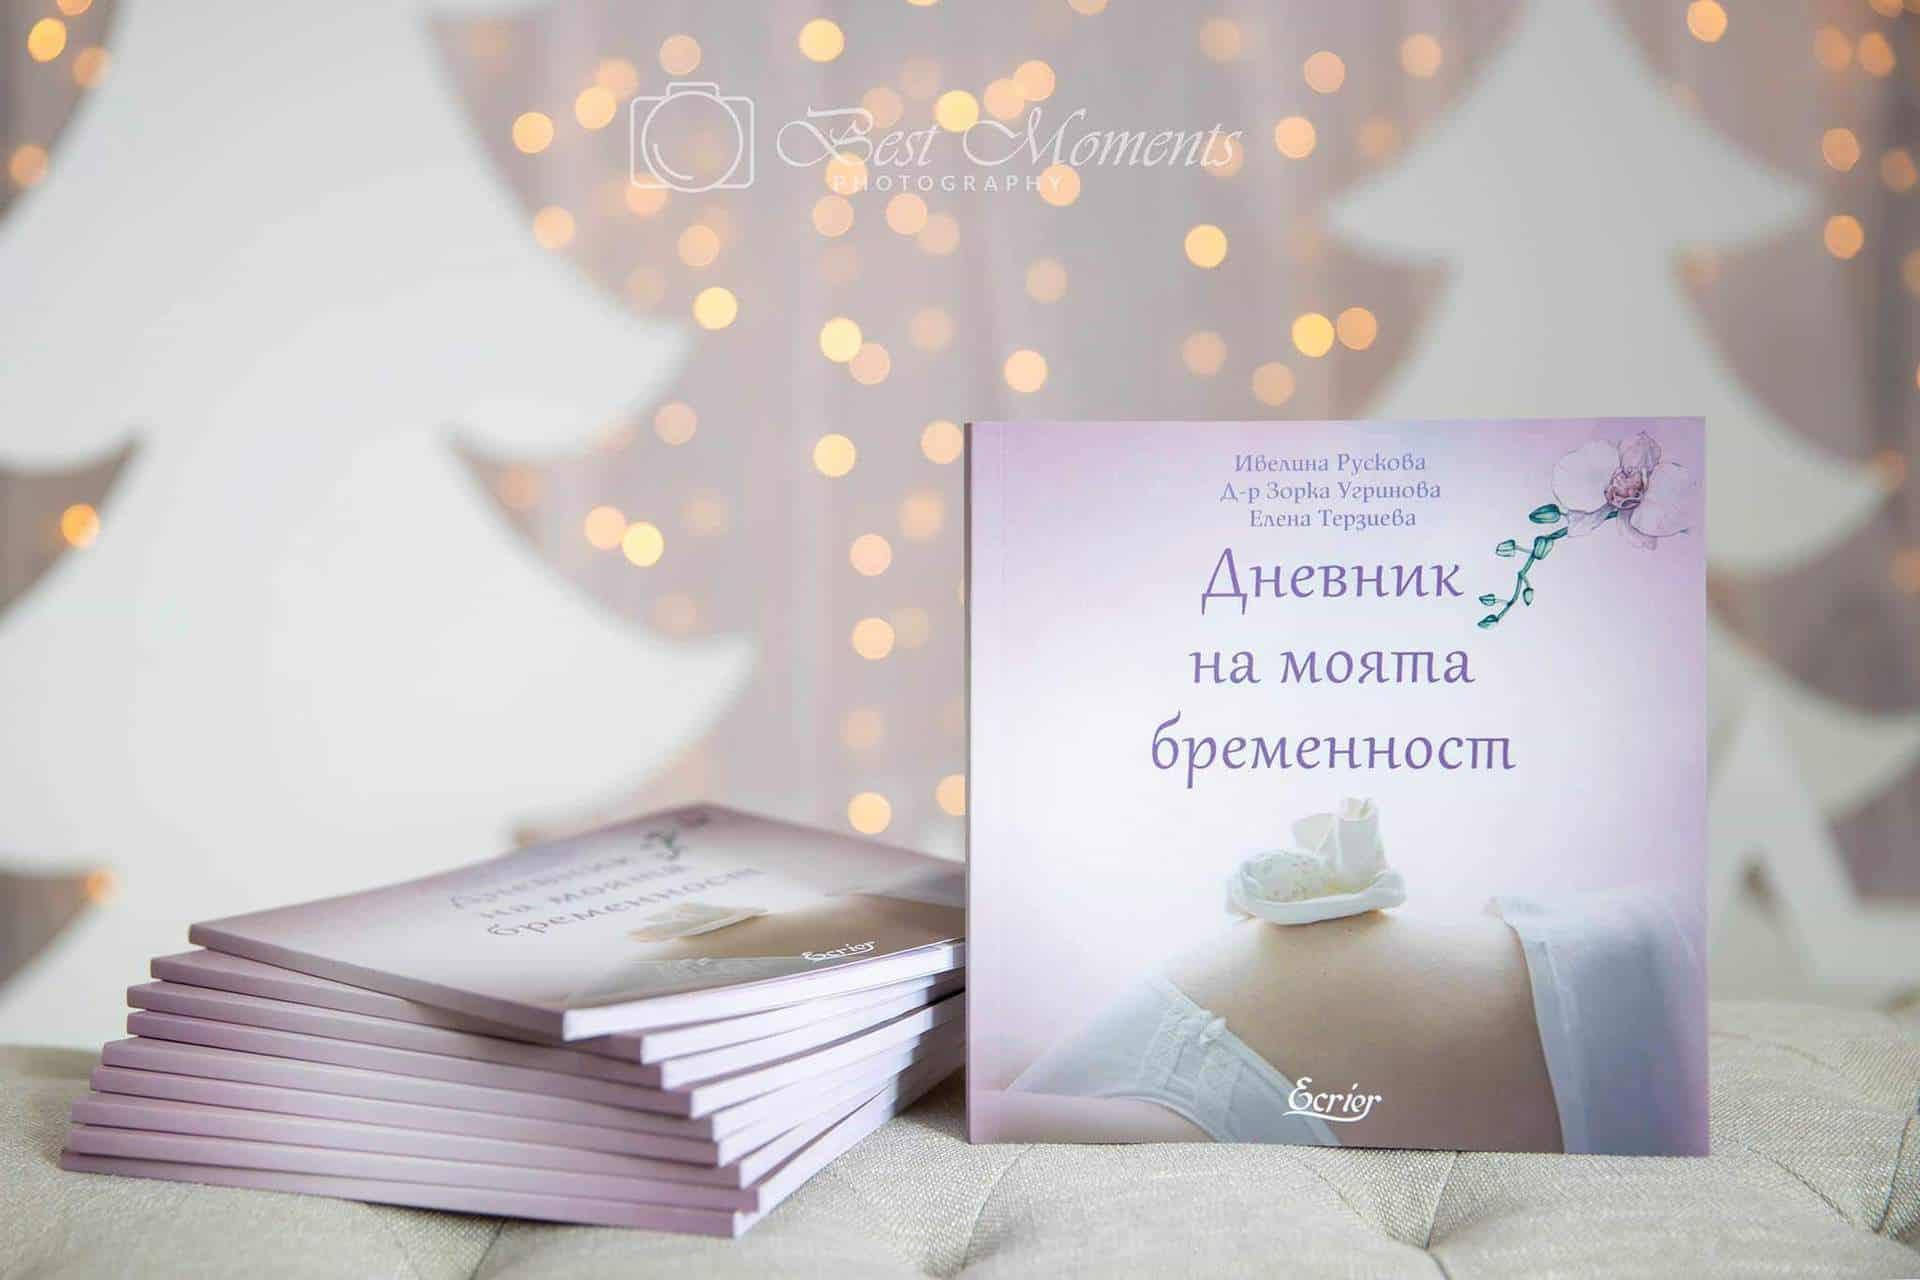 Дневник на моята бременност